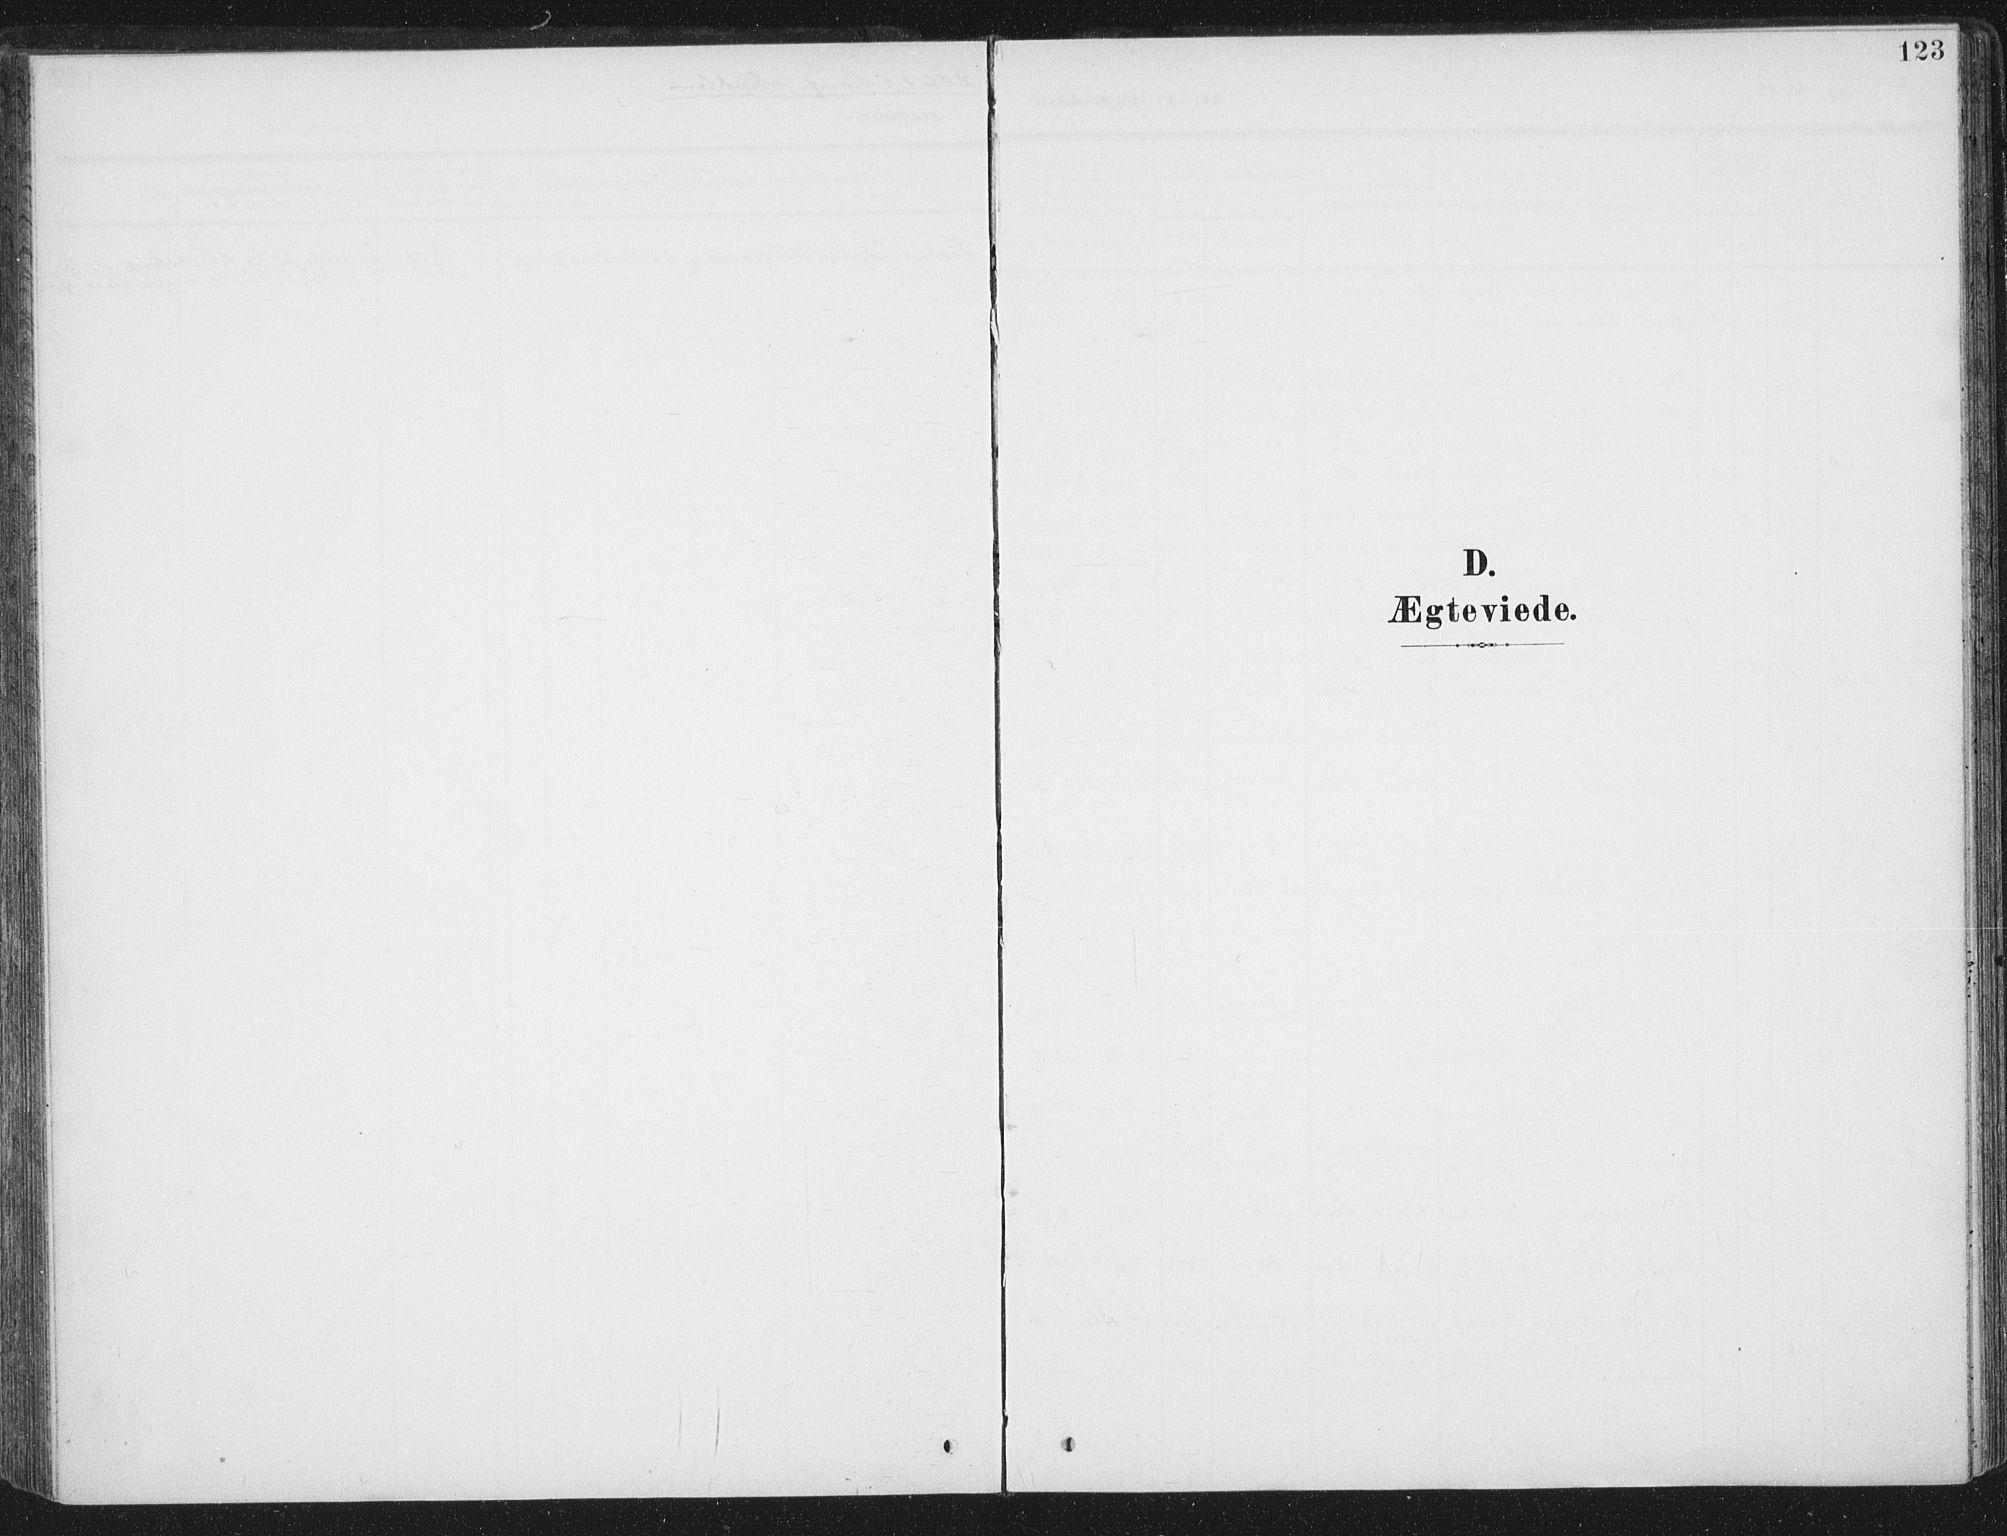 SAT, Ministerialprotokoller, klokkerbøker og fødselsregistre - Sør-Trøndelag, 657/L0709: Ministerialbok nr. 657A10, 1905-1919, s. 123